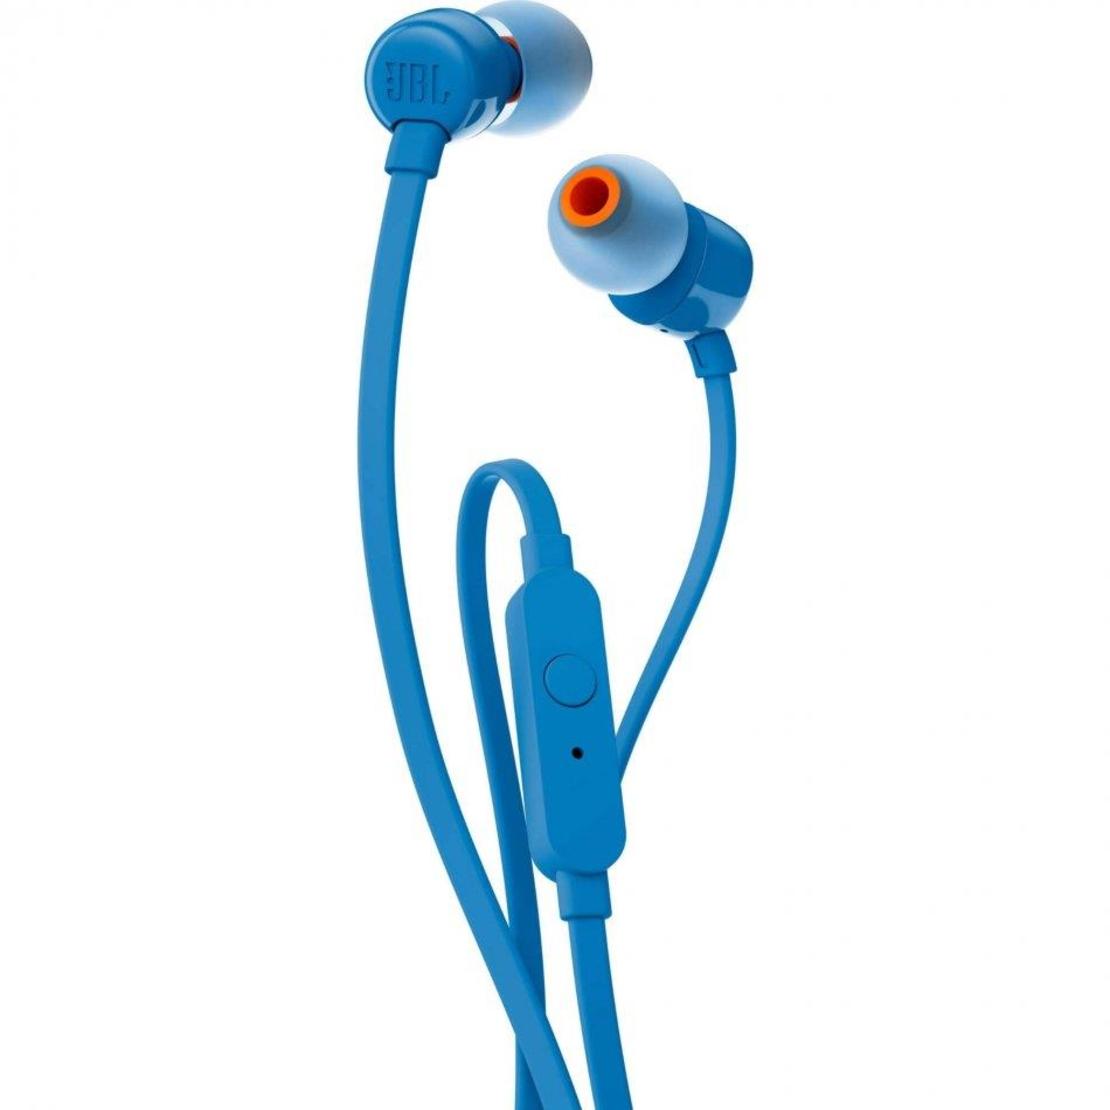 אוזניות IN EAR עם מיקרופון JBL T110 - כחול